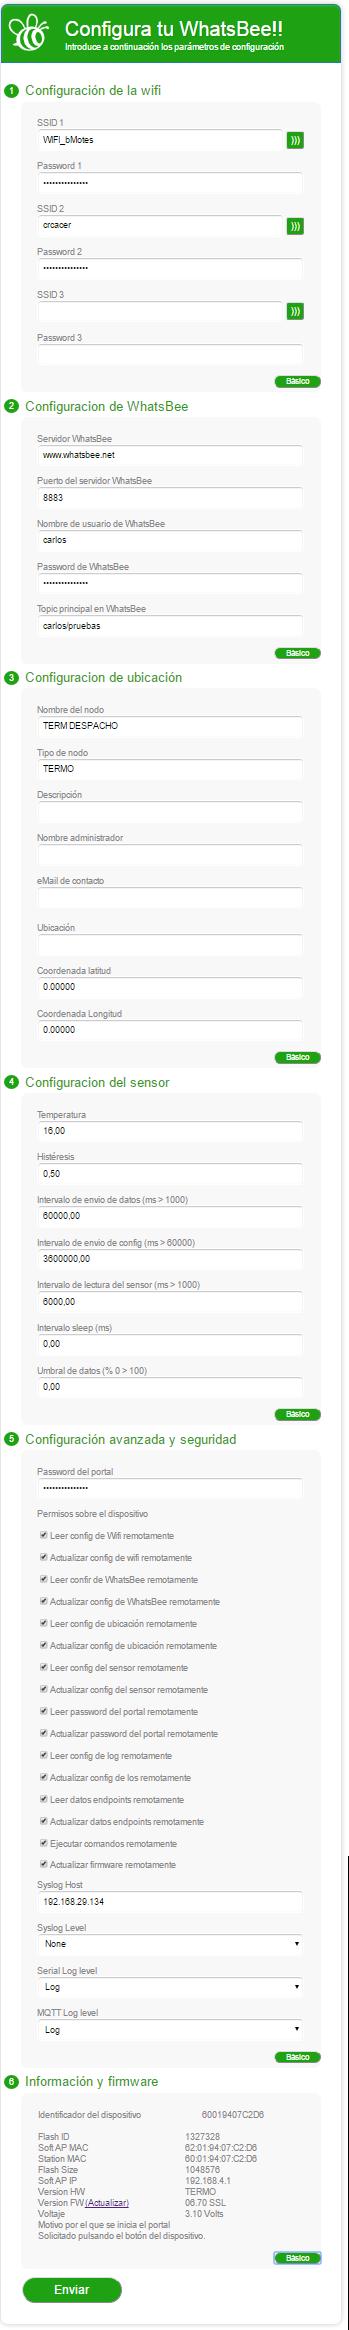 Configuracion Avanzada de Whatsbee